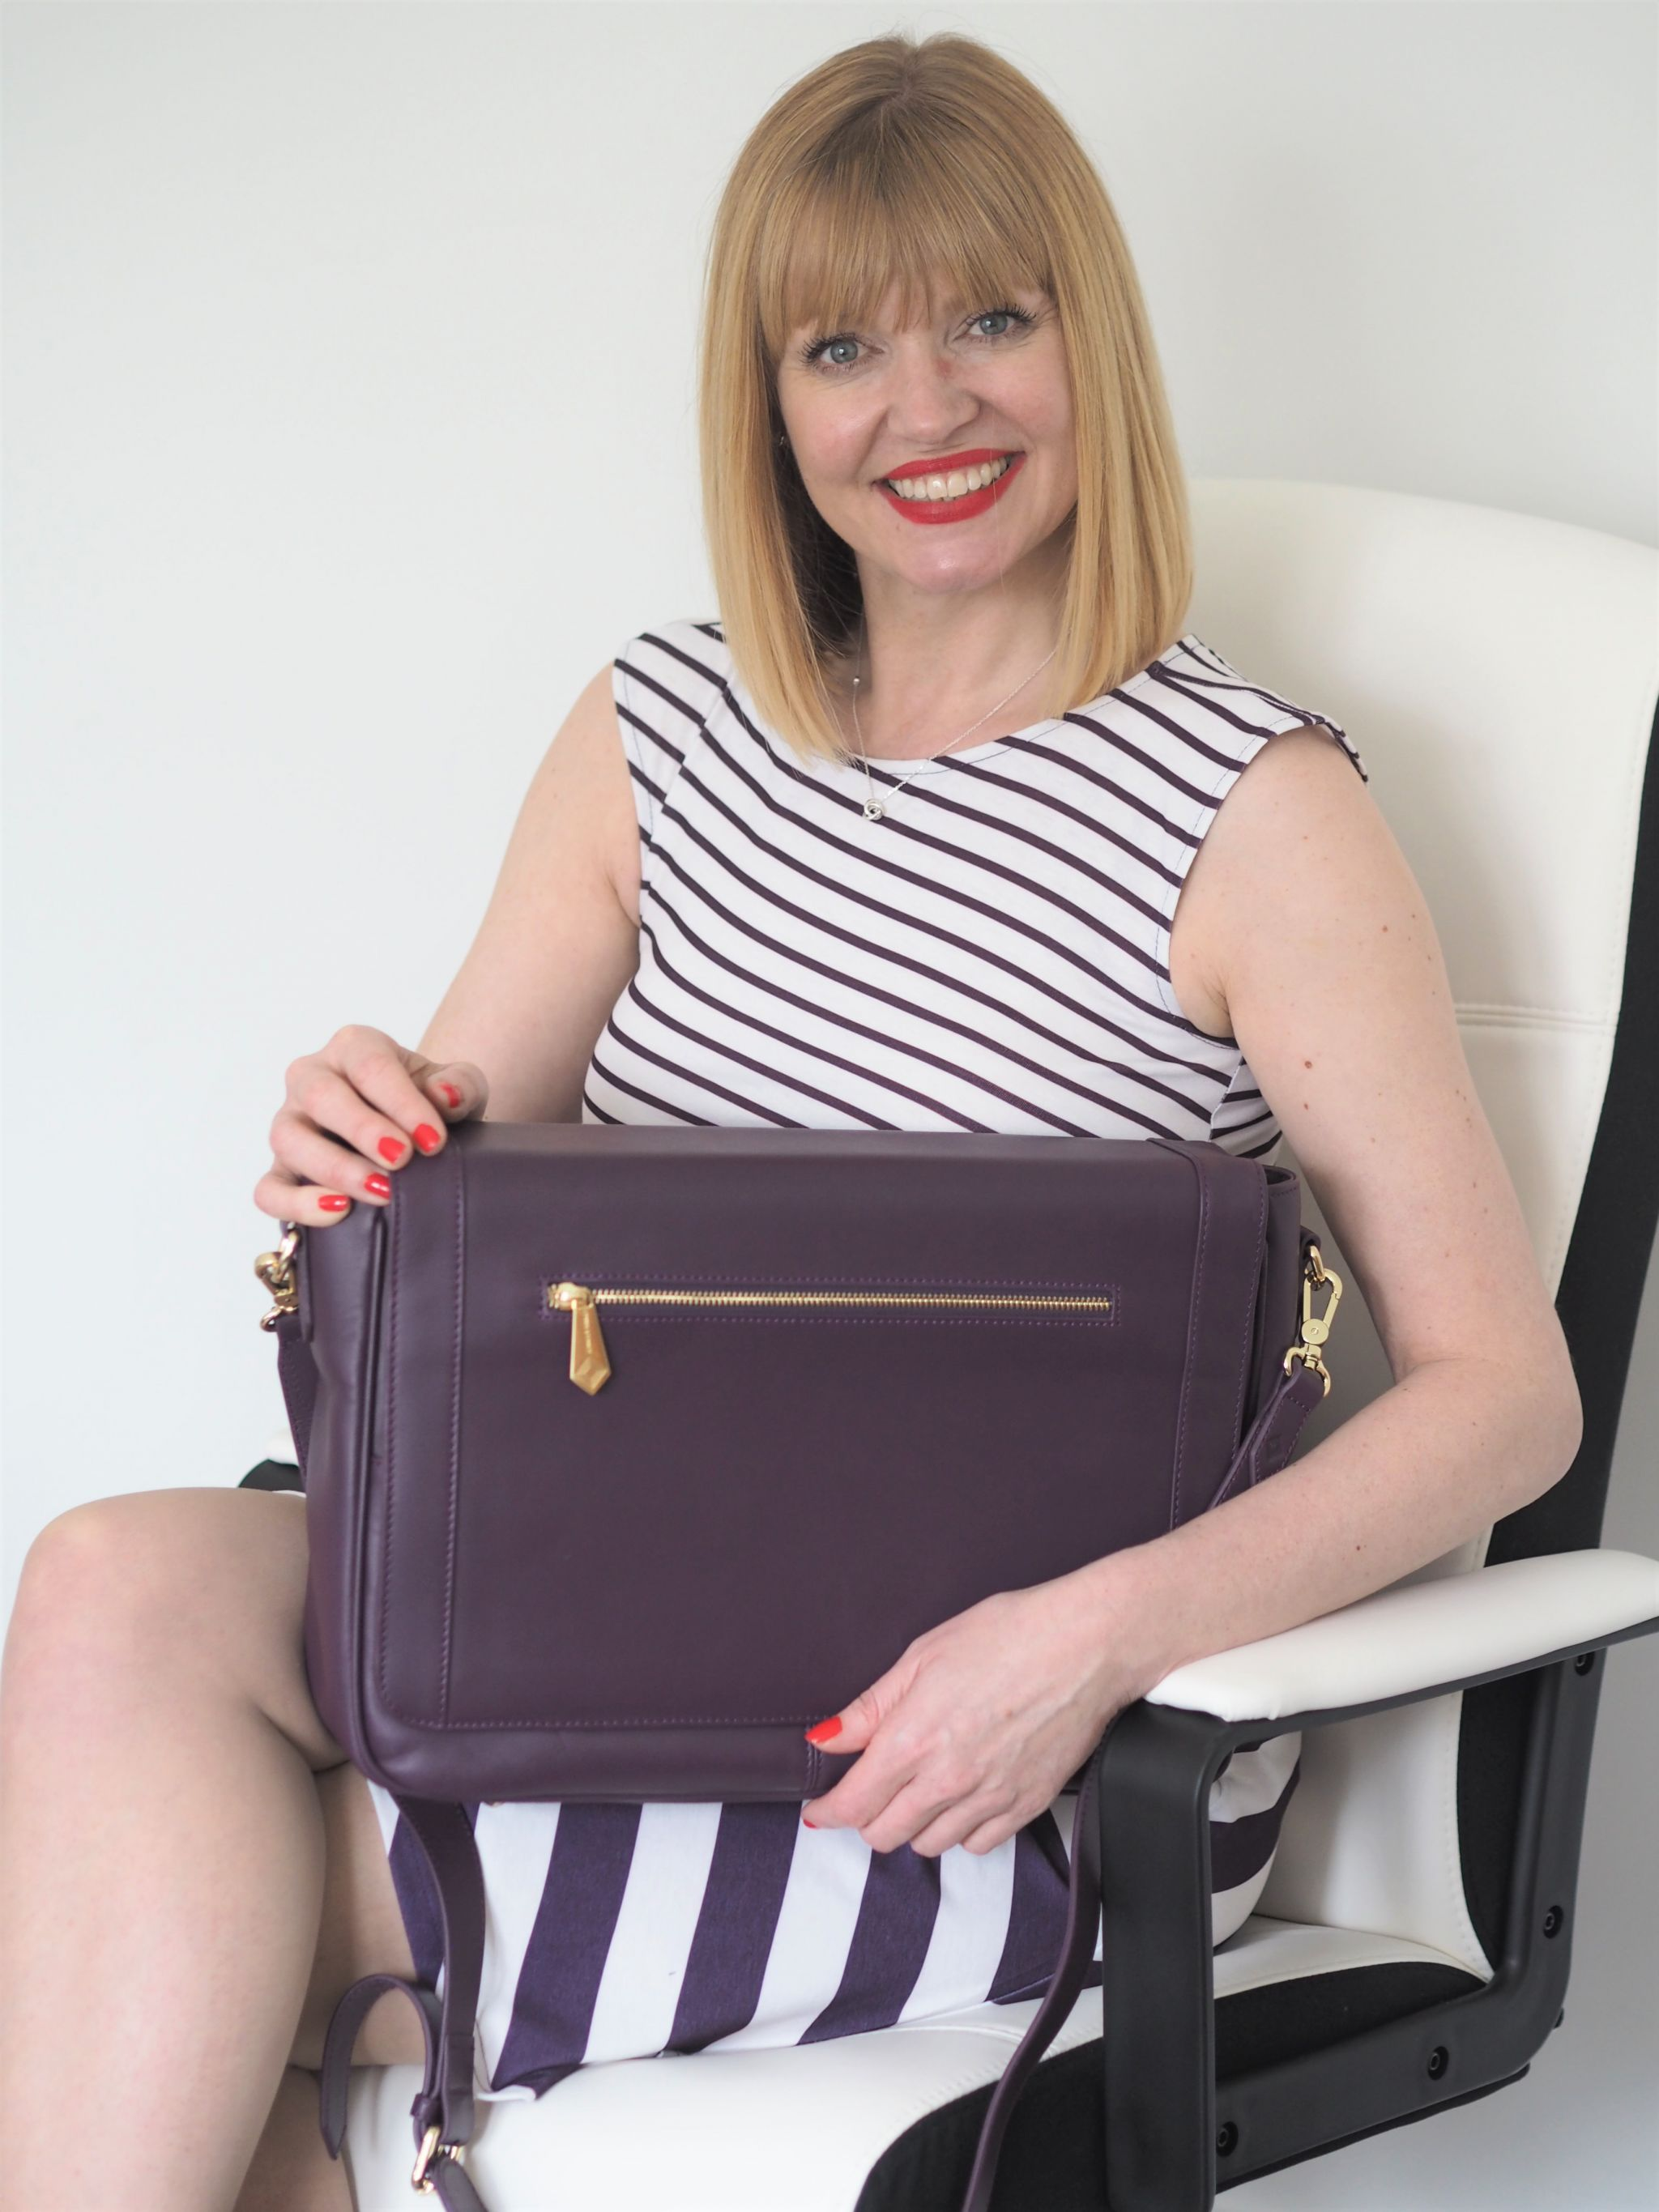 what-lizzy-loves-jennifer hamley-model-kt-laptop-work-bag-external-pockets